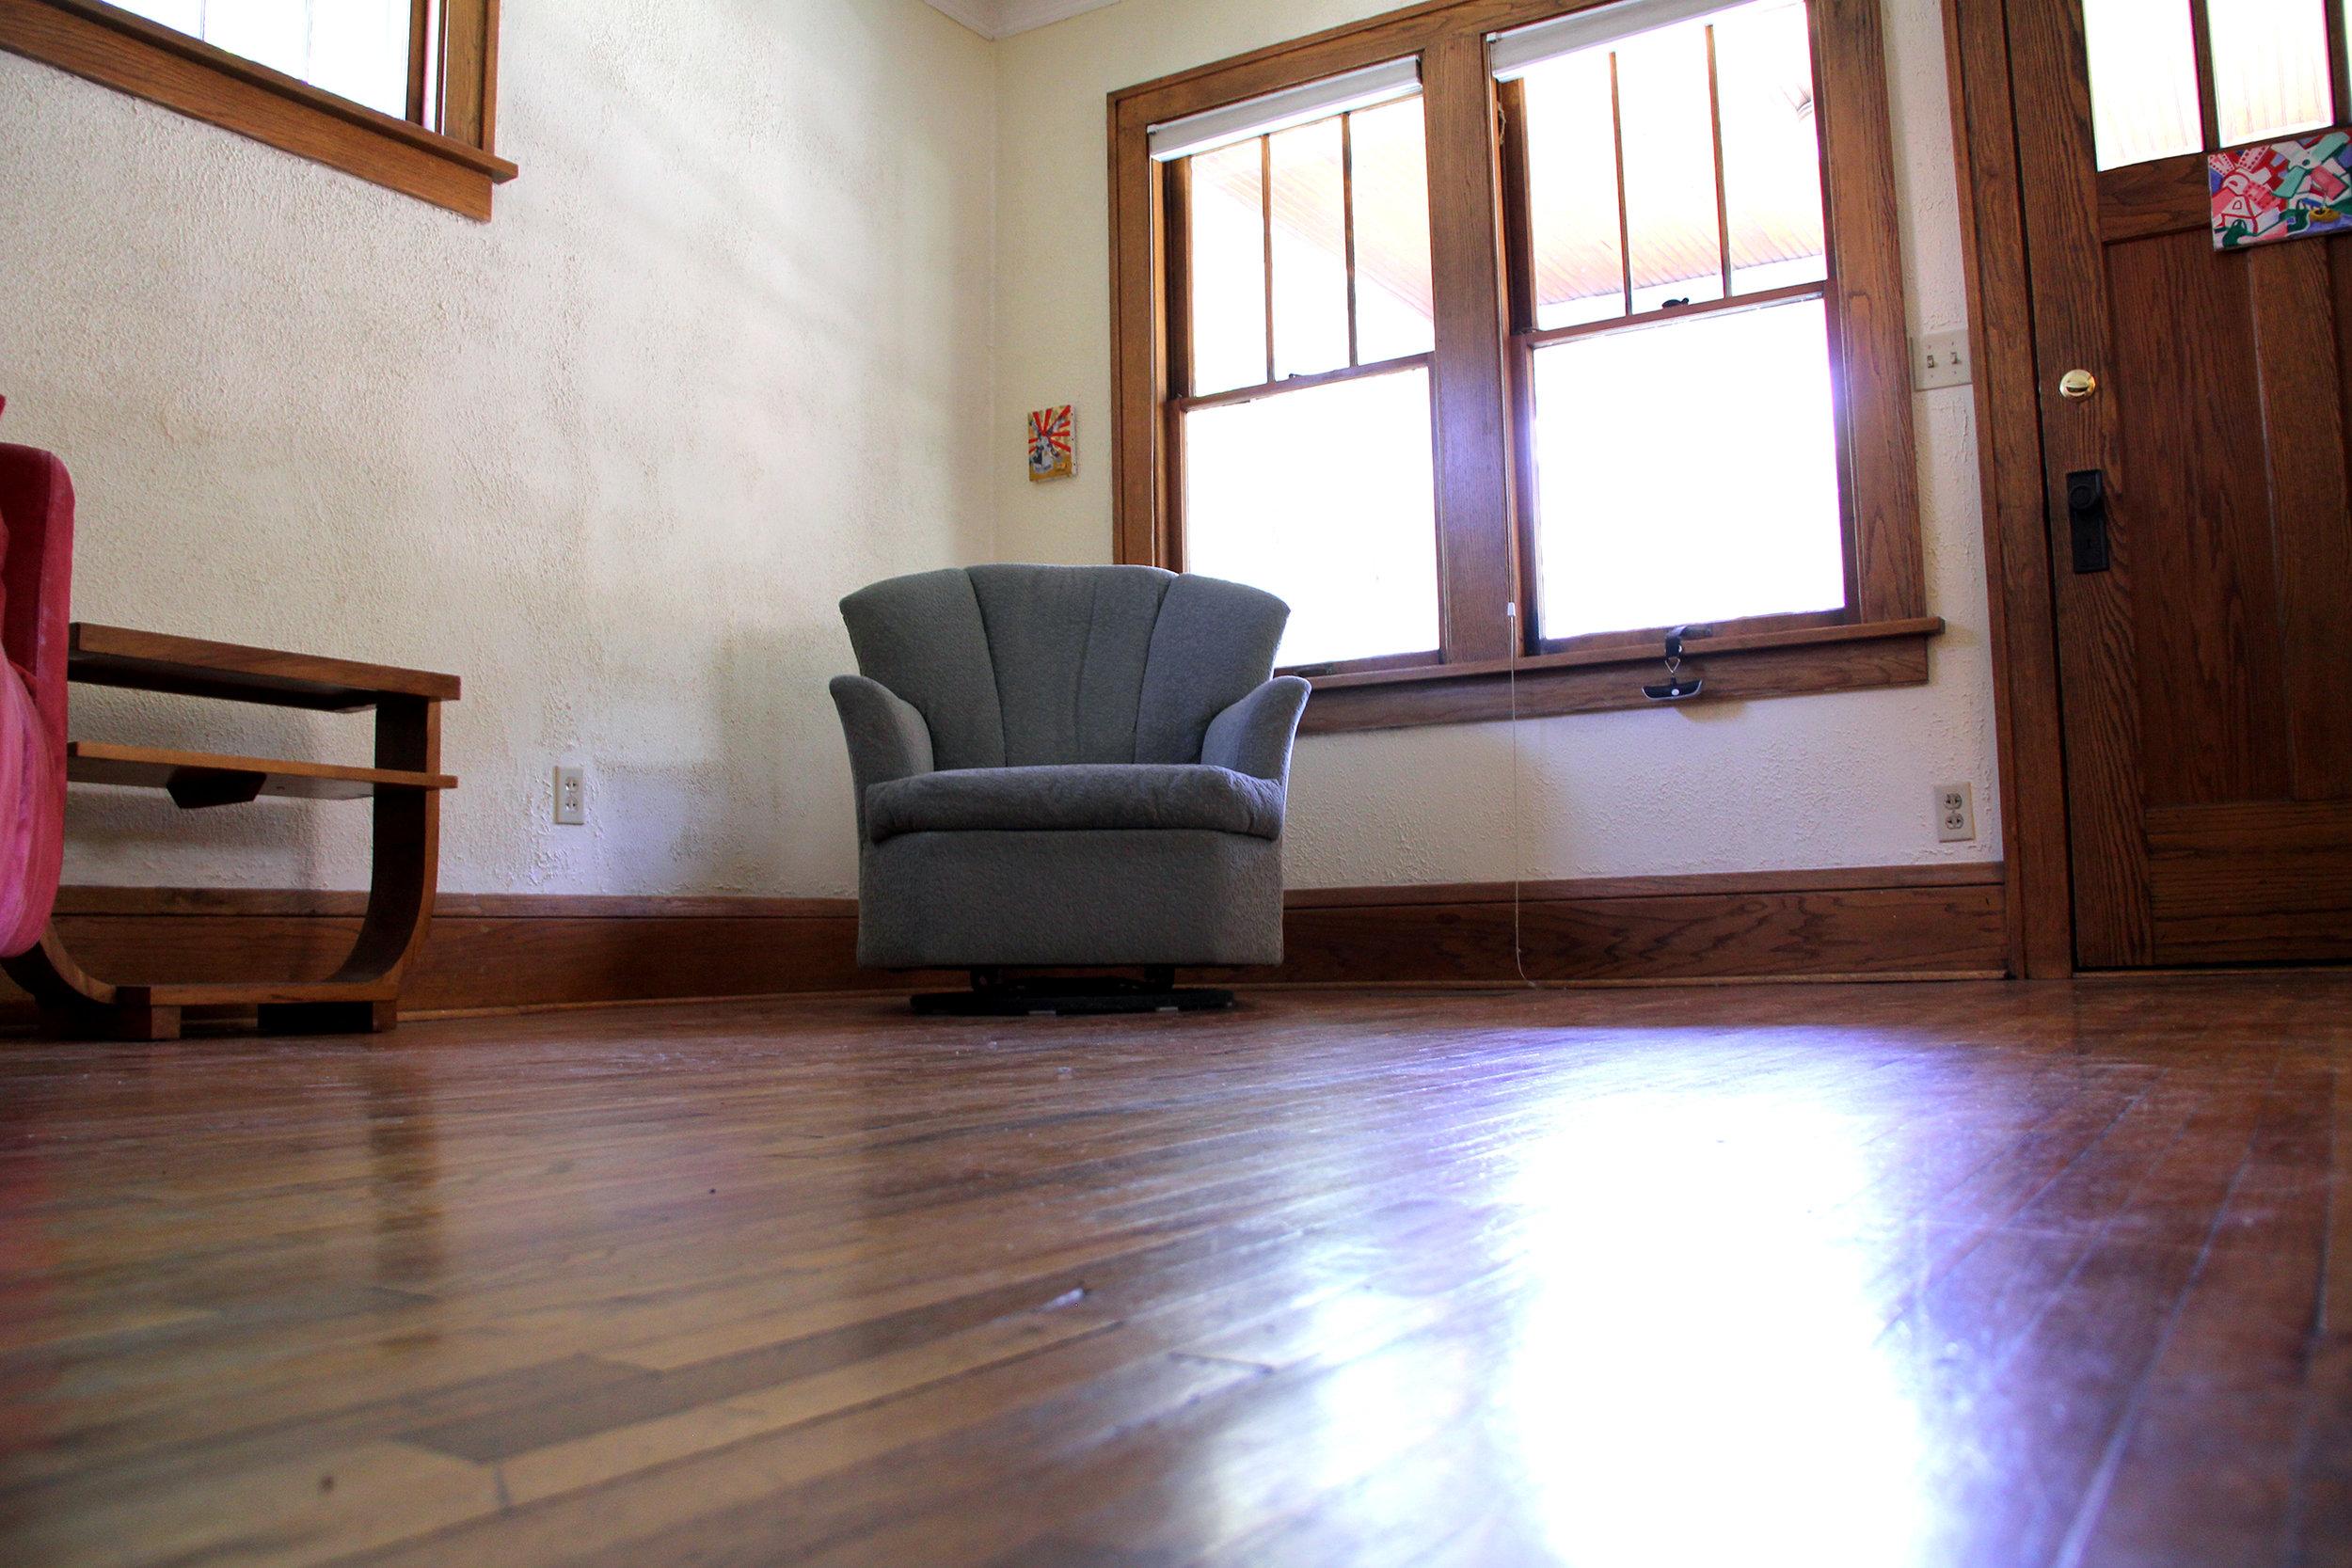 living-room_27130014753_o.jpg